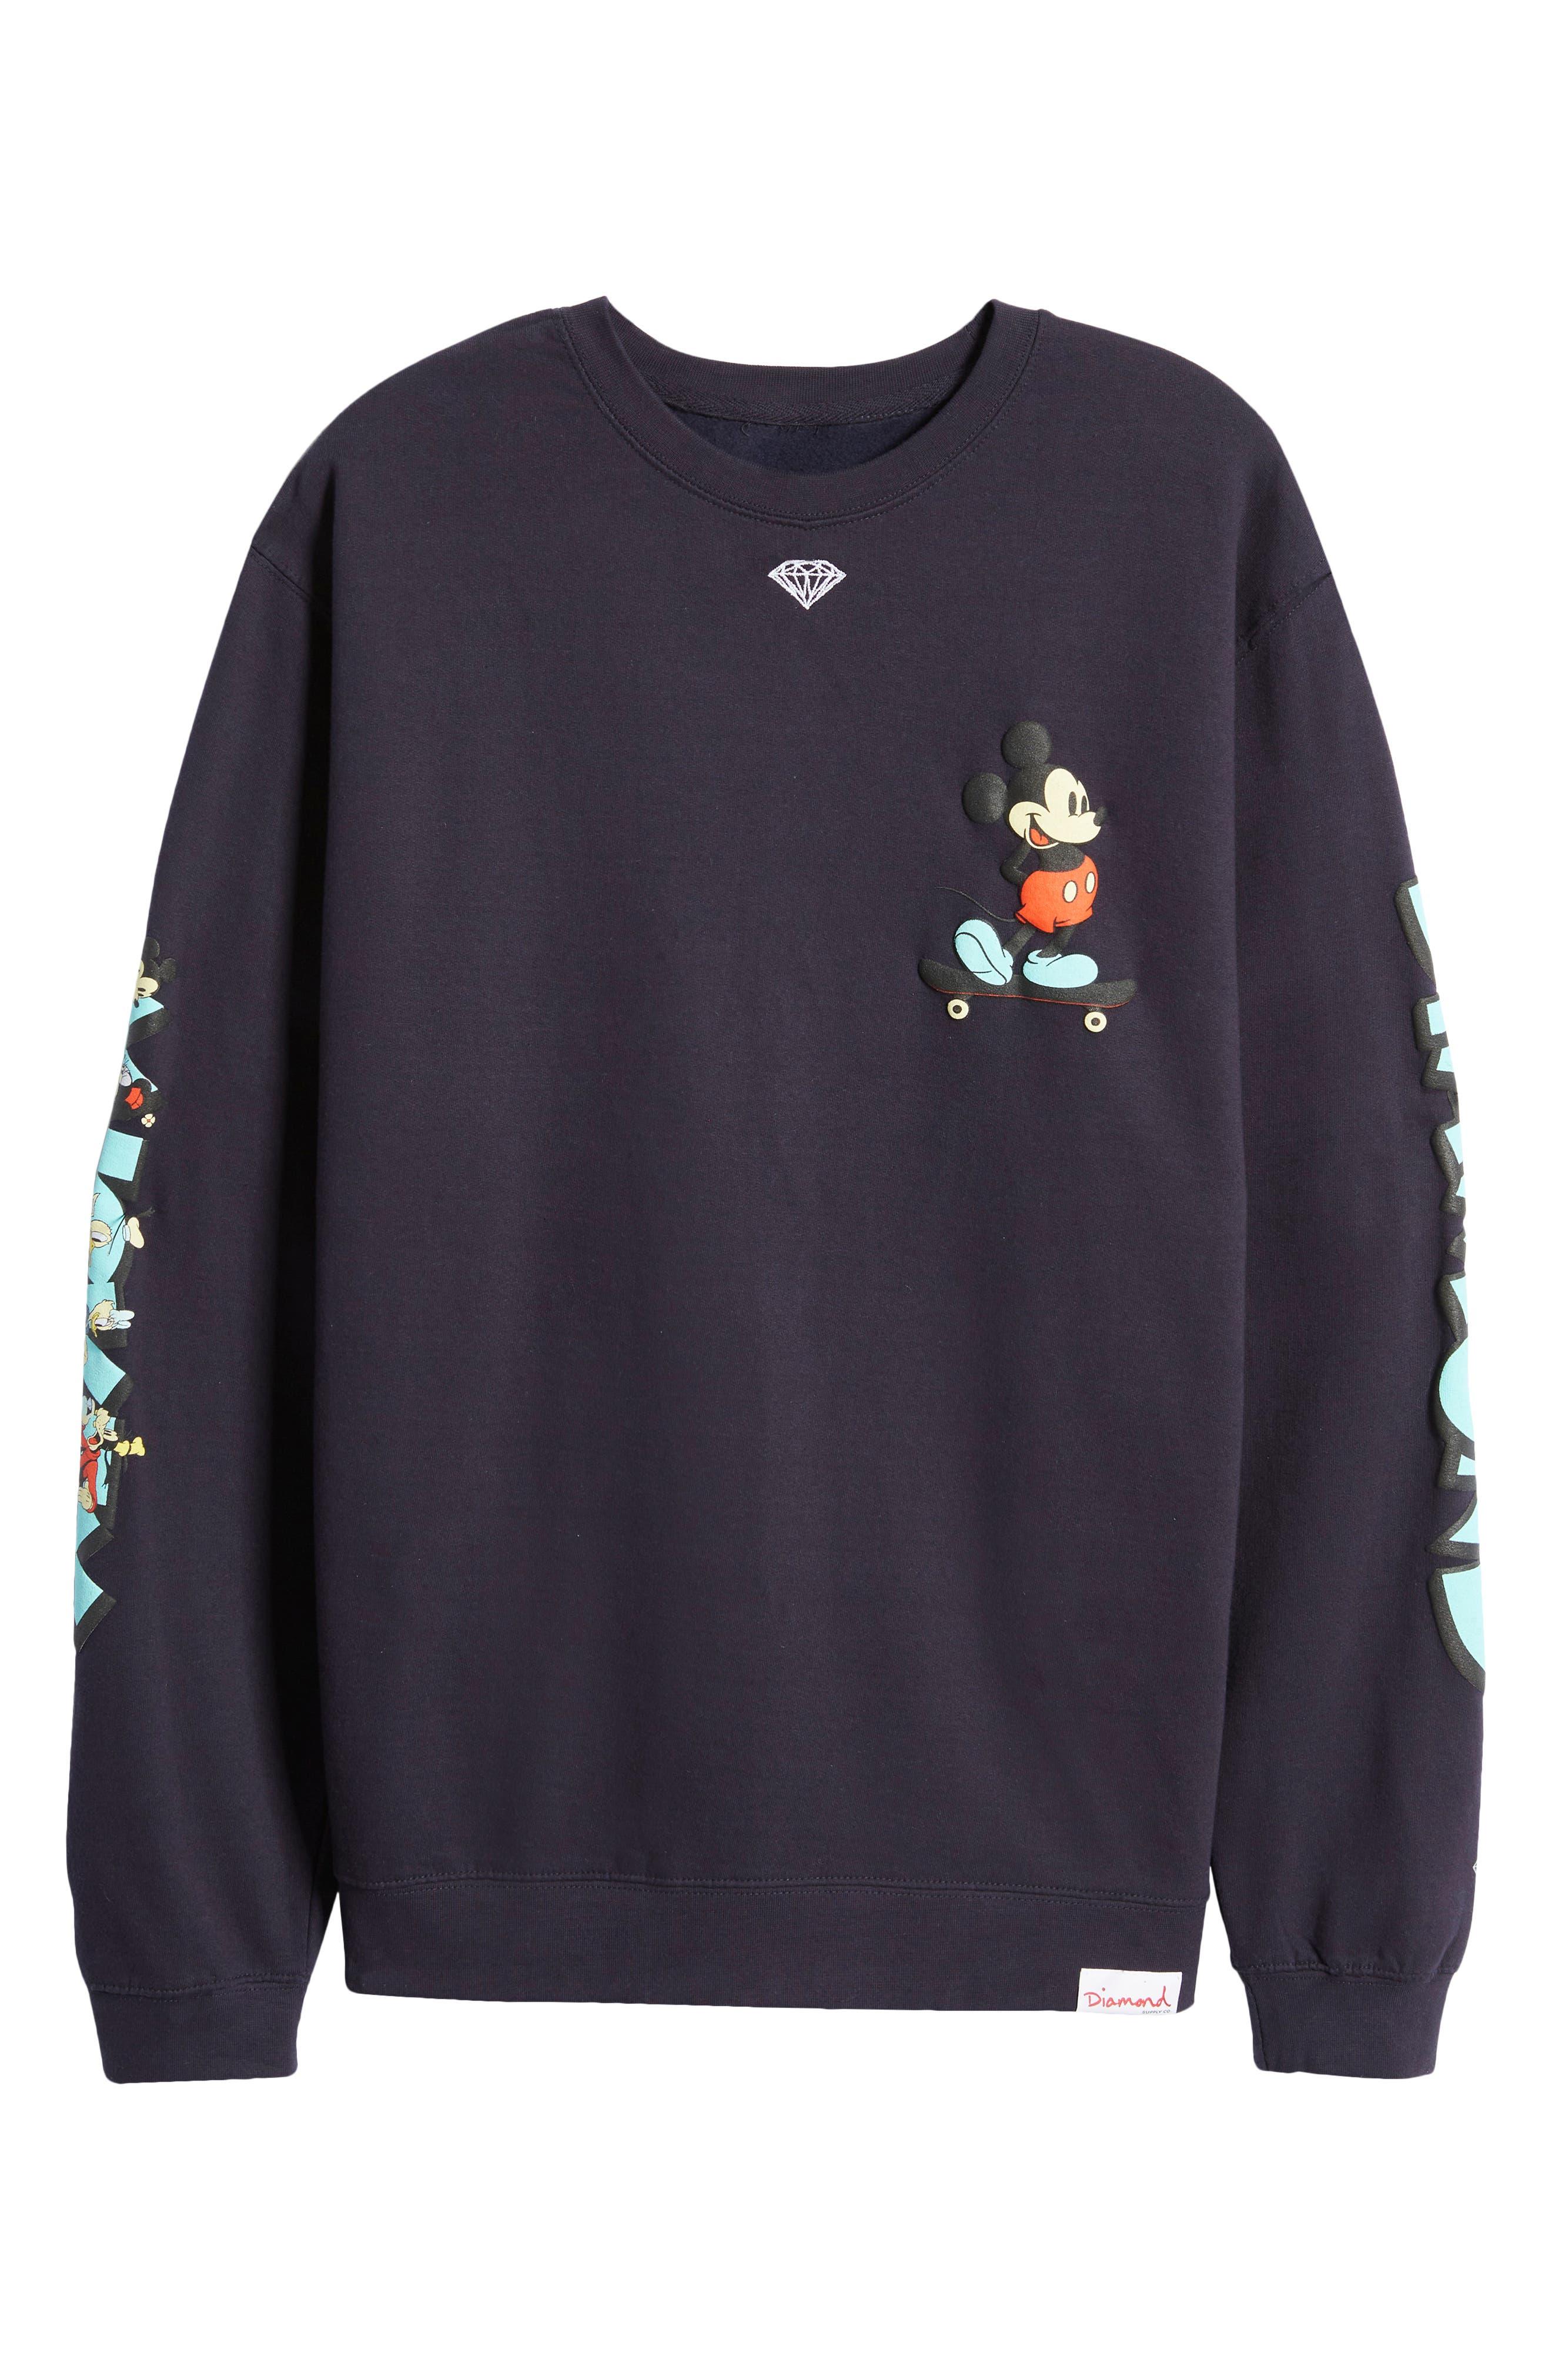 . Unisex Mickey & Friends Graphic Sweatshirt